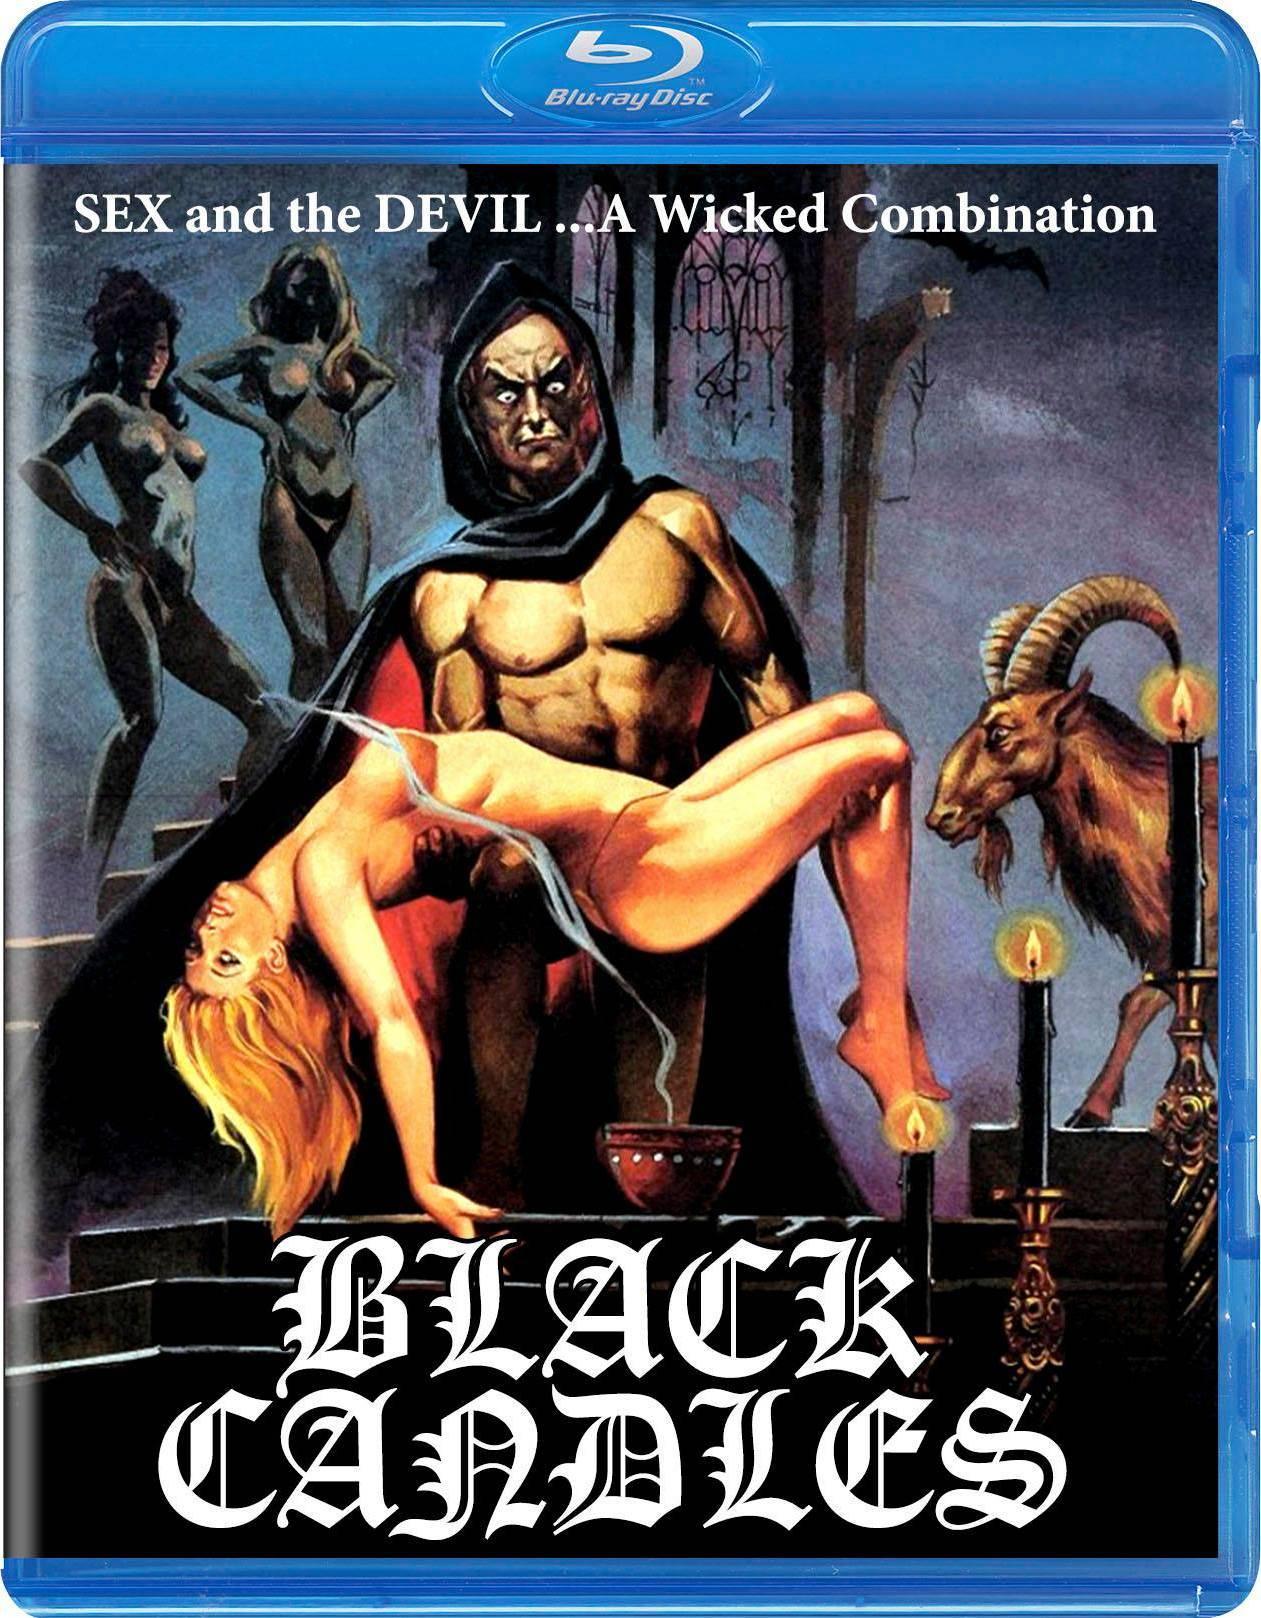 Black Candles / Los ritos sexuales del diablo (1982)